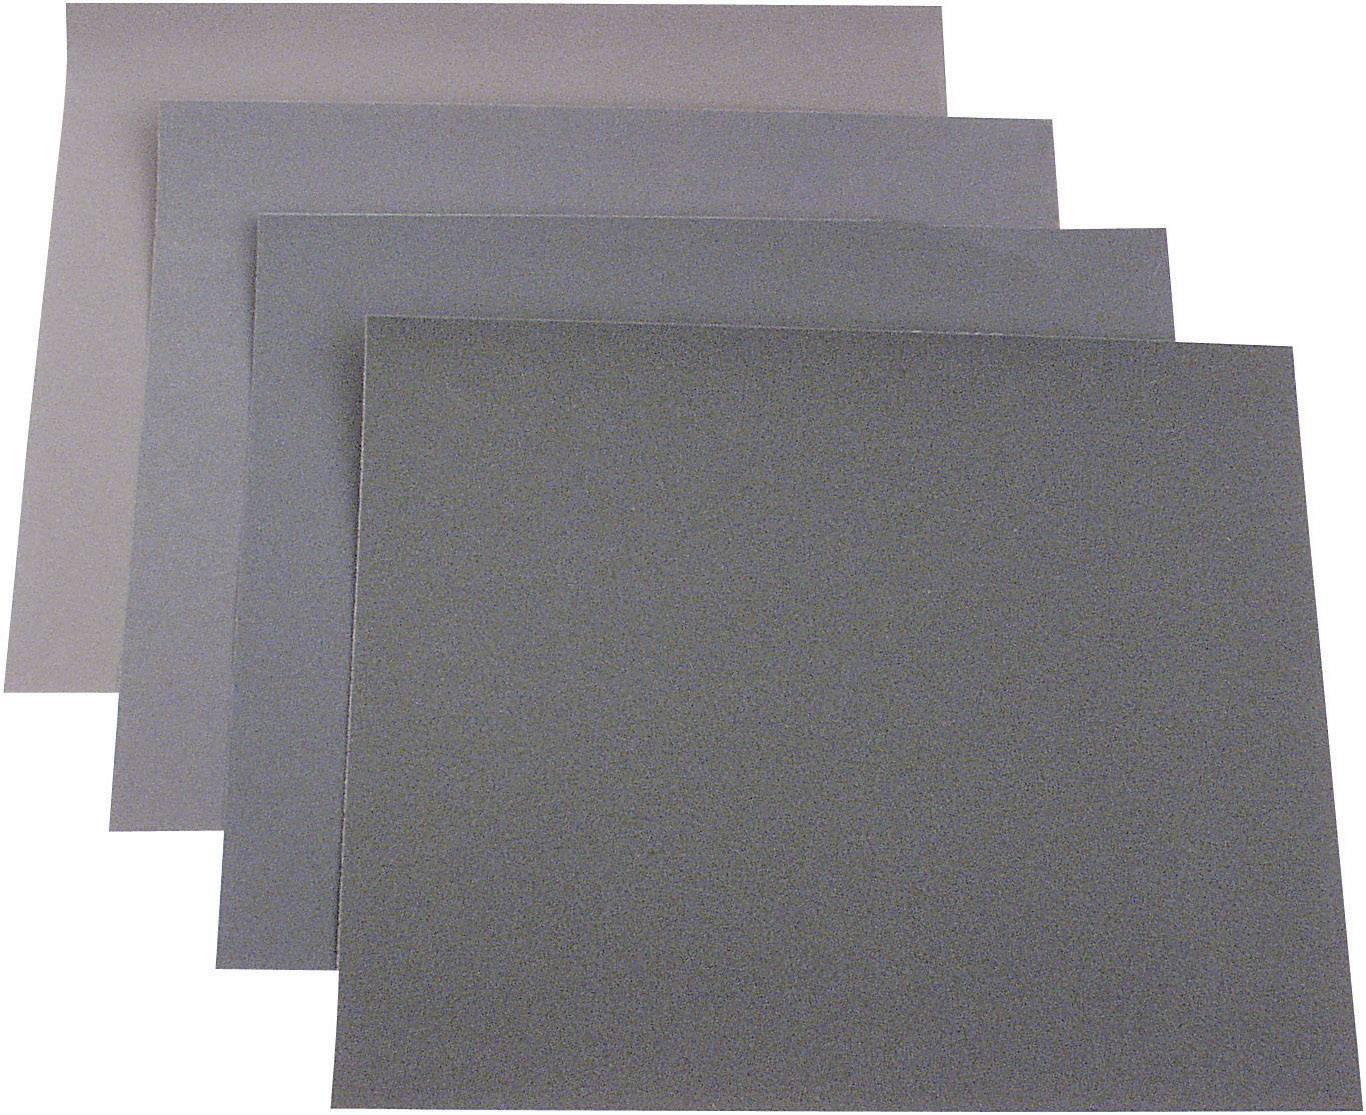 Sada ručného brúsneho papiera 812329 zrnitosť 180, 240, 400, 600, (d x š) 280 mm x 230 mm, 20 ks